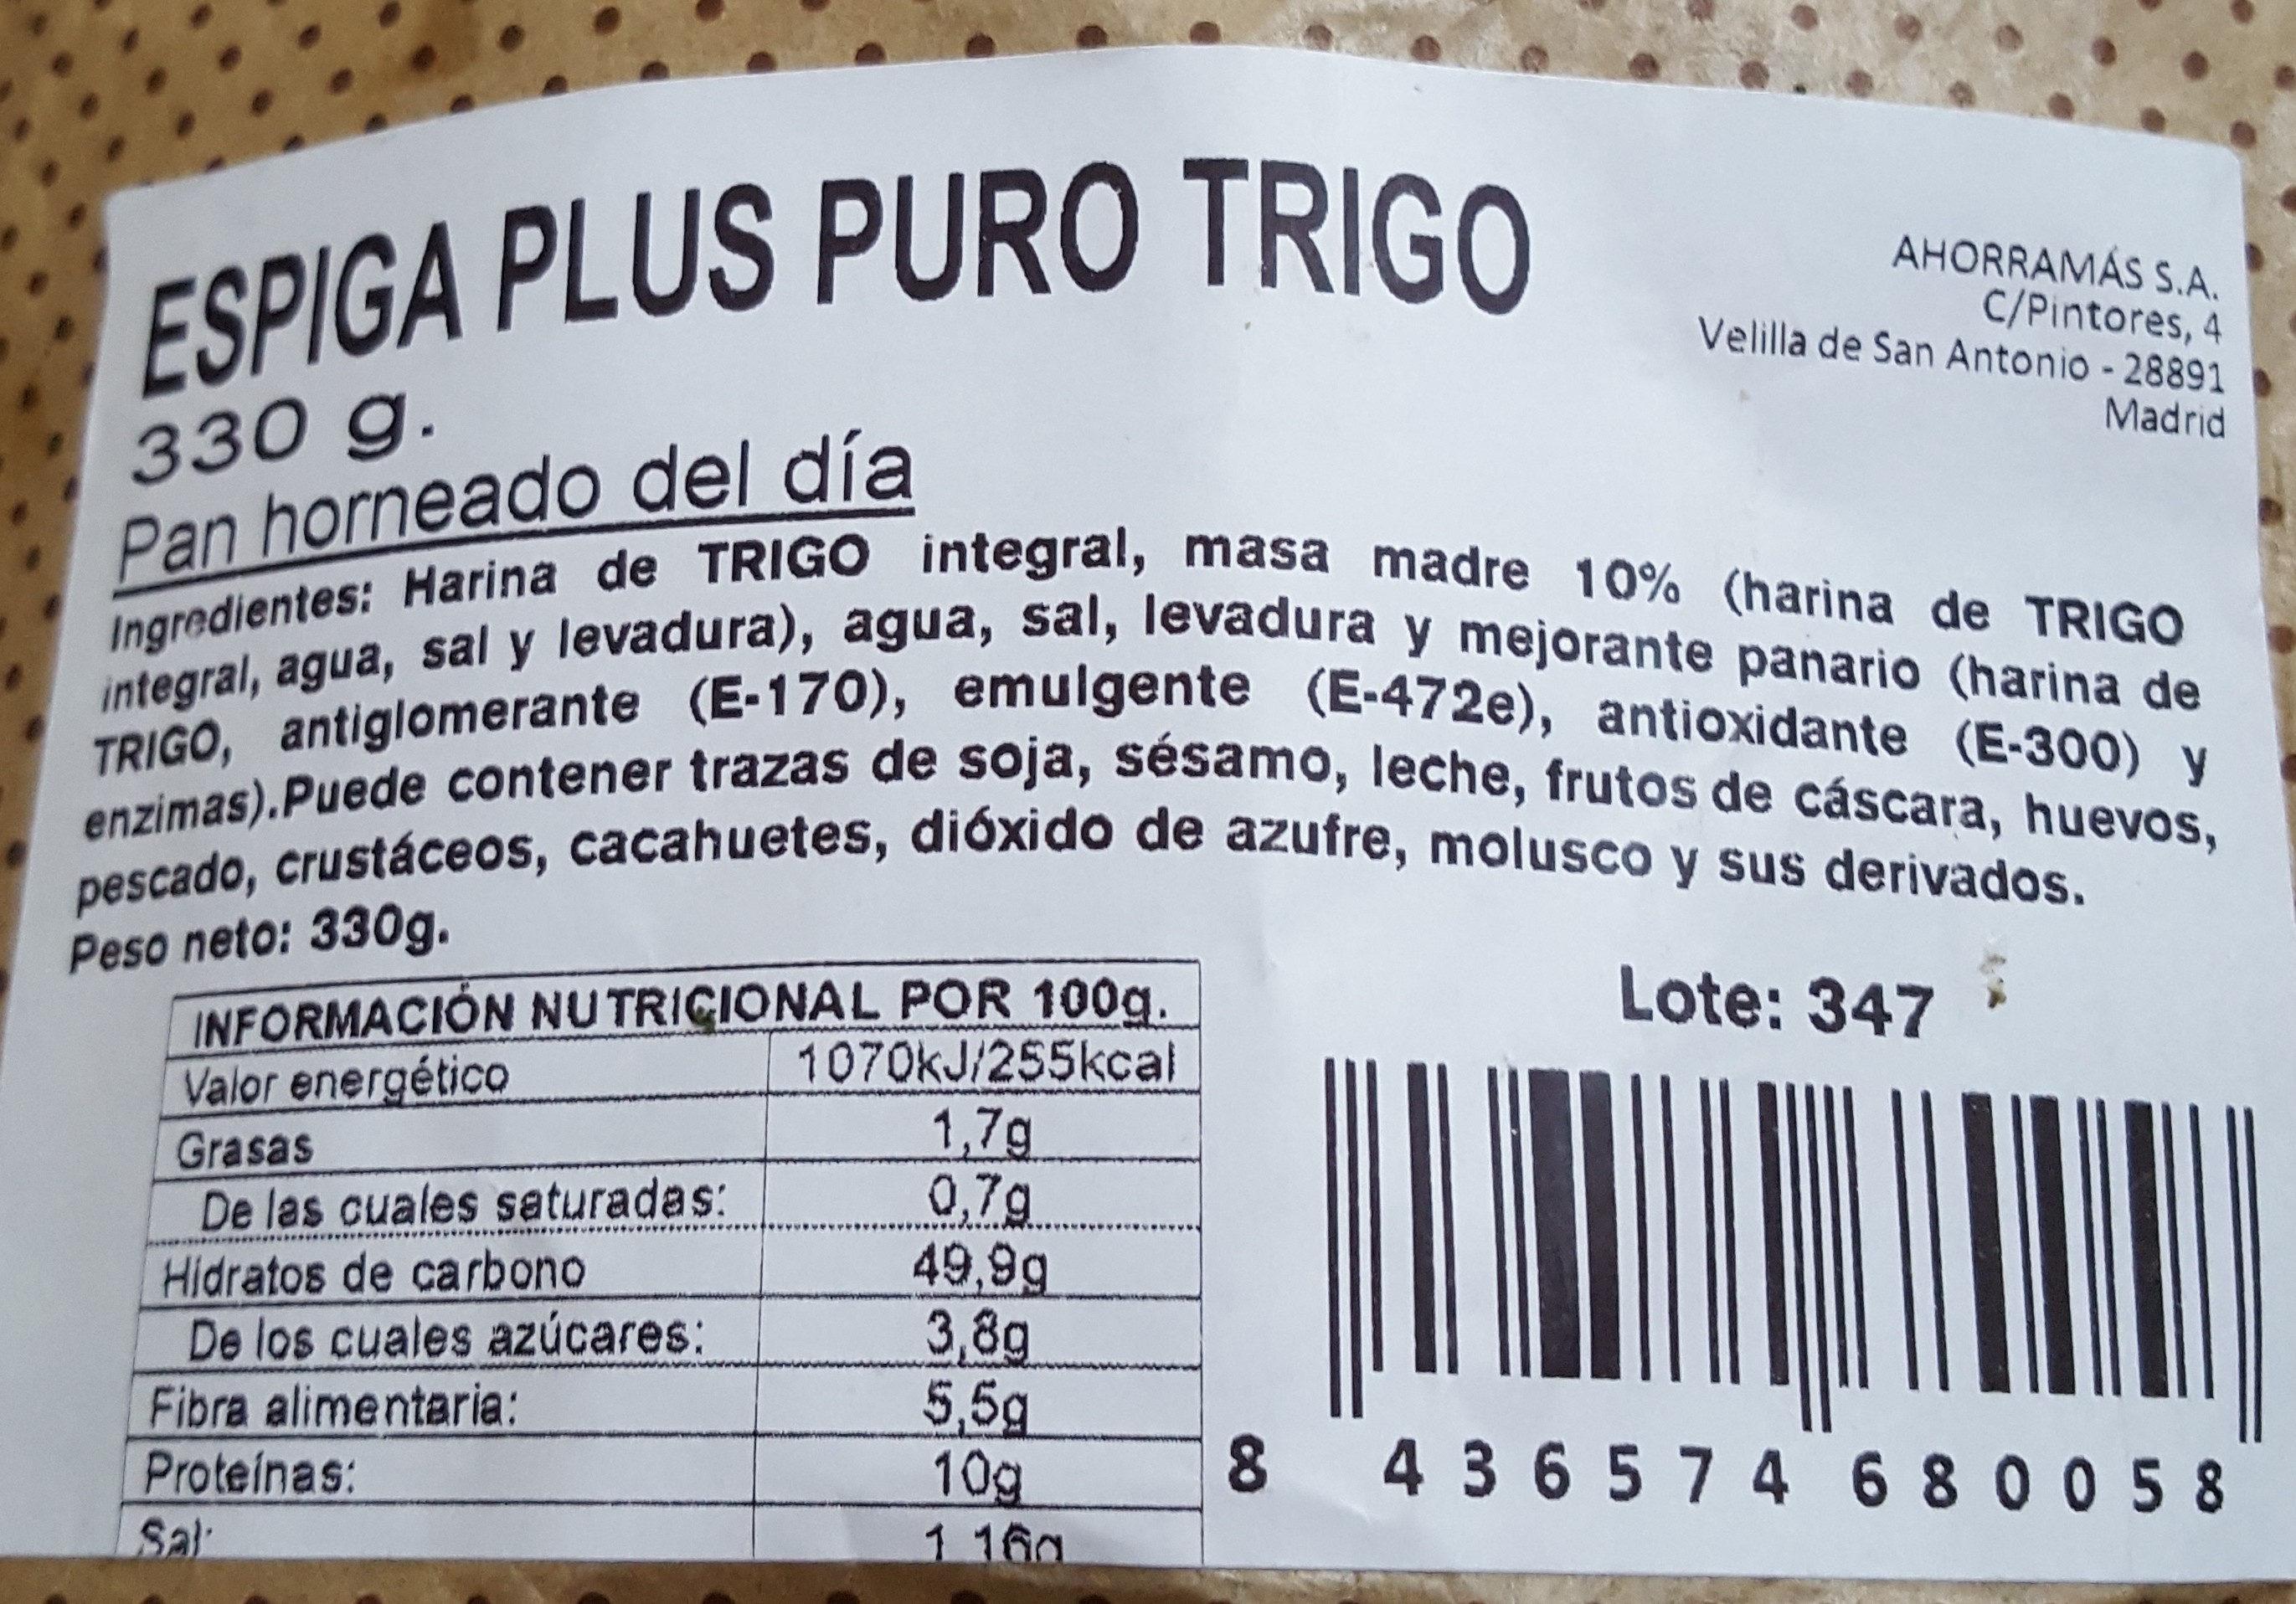 Espiga plus puro trigo - Ingredients - es